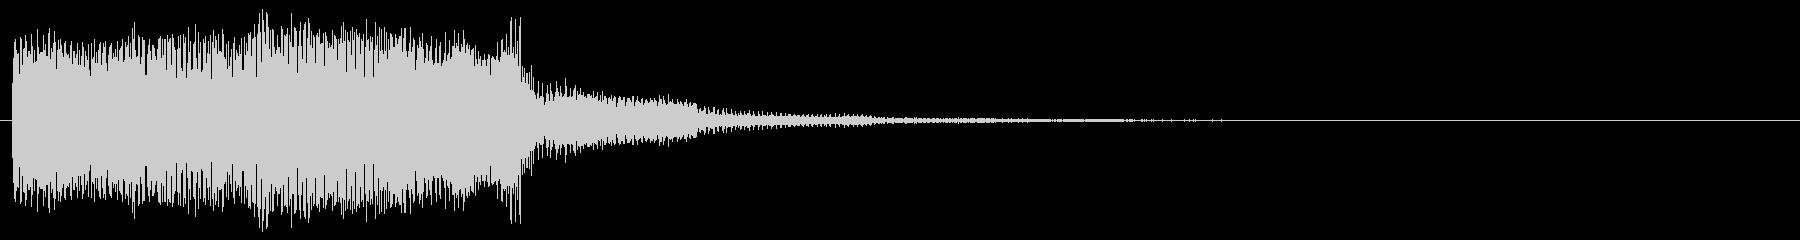 ゲームクリア 達成音 正解 やったーの未再生の波形